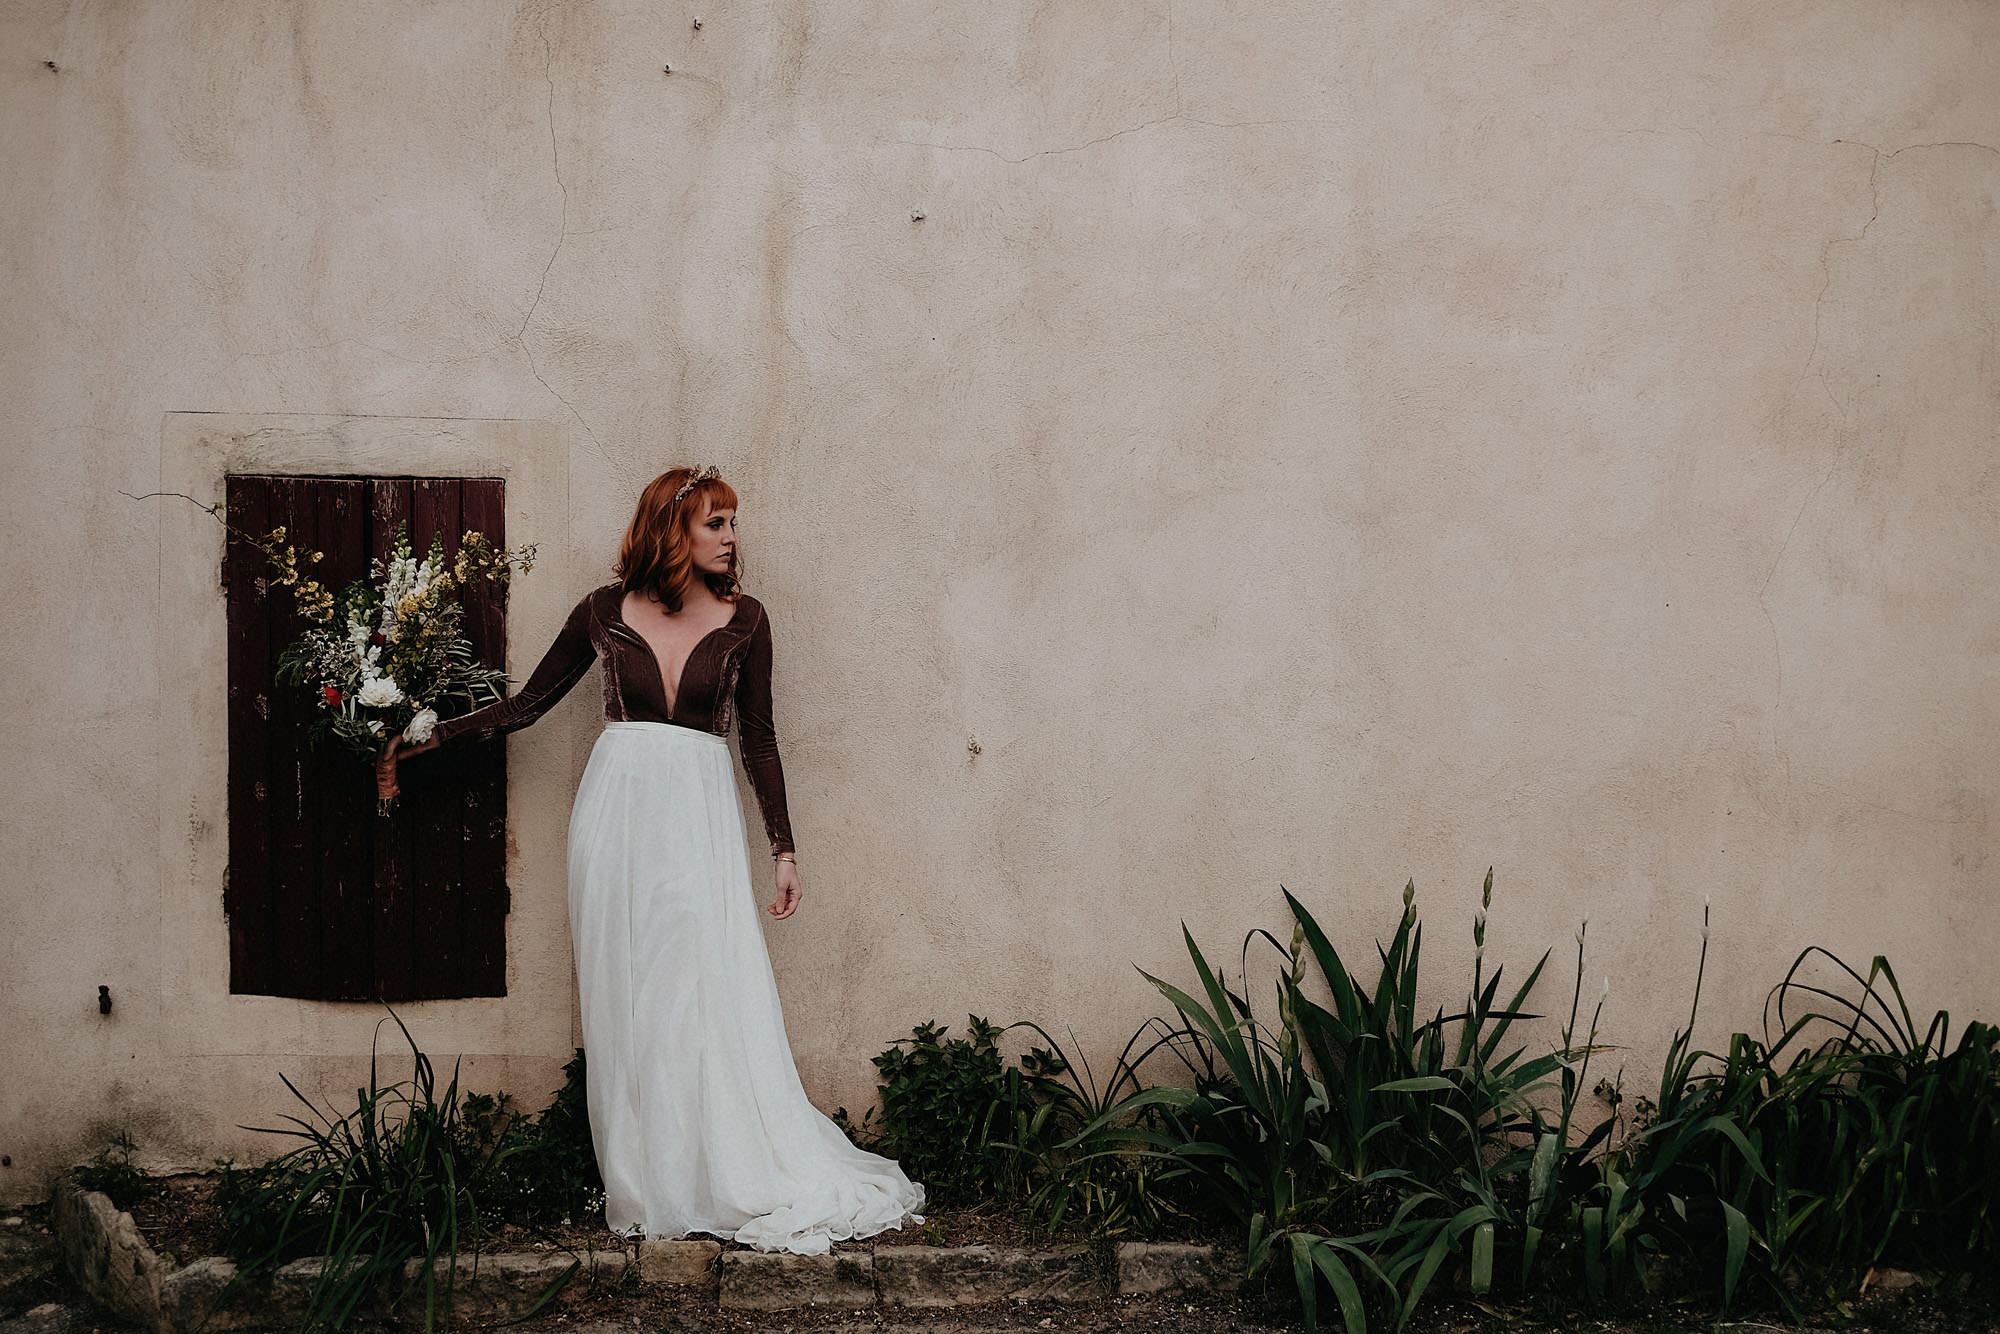 goult provence france elopement vow renewal bride bouquet photo